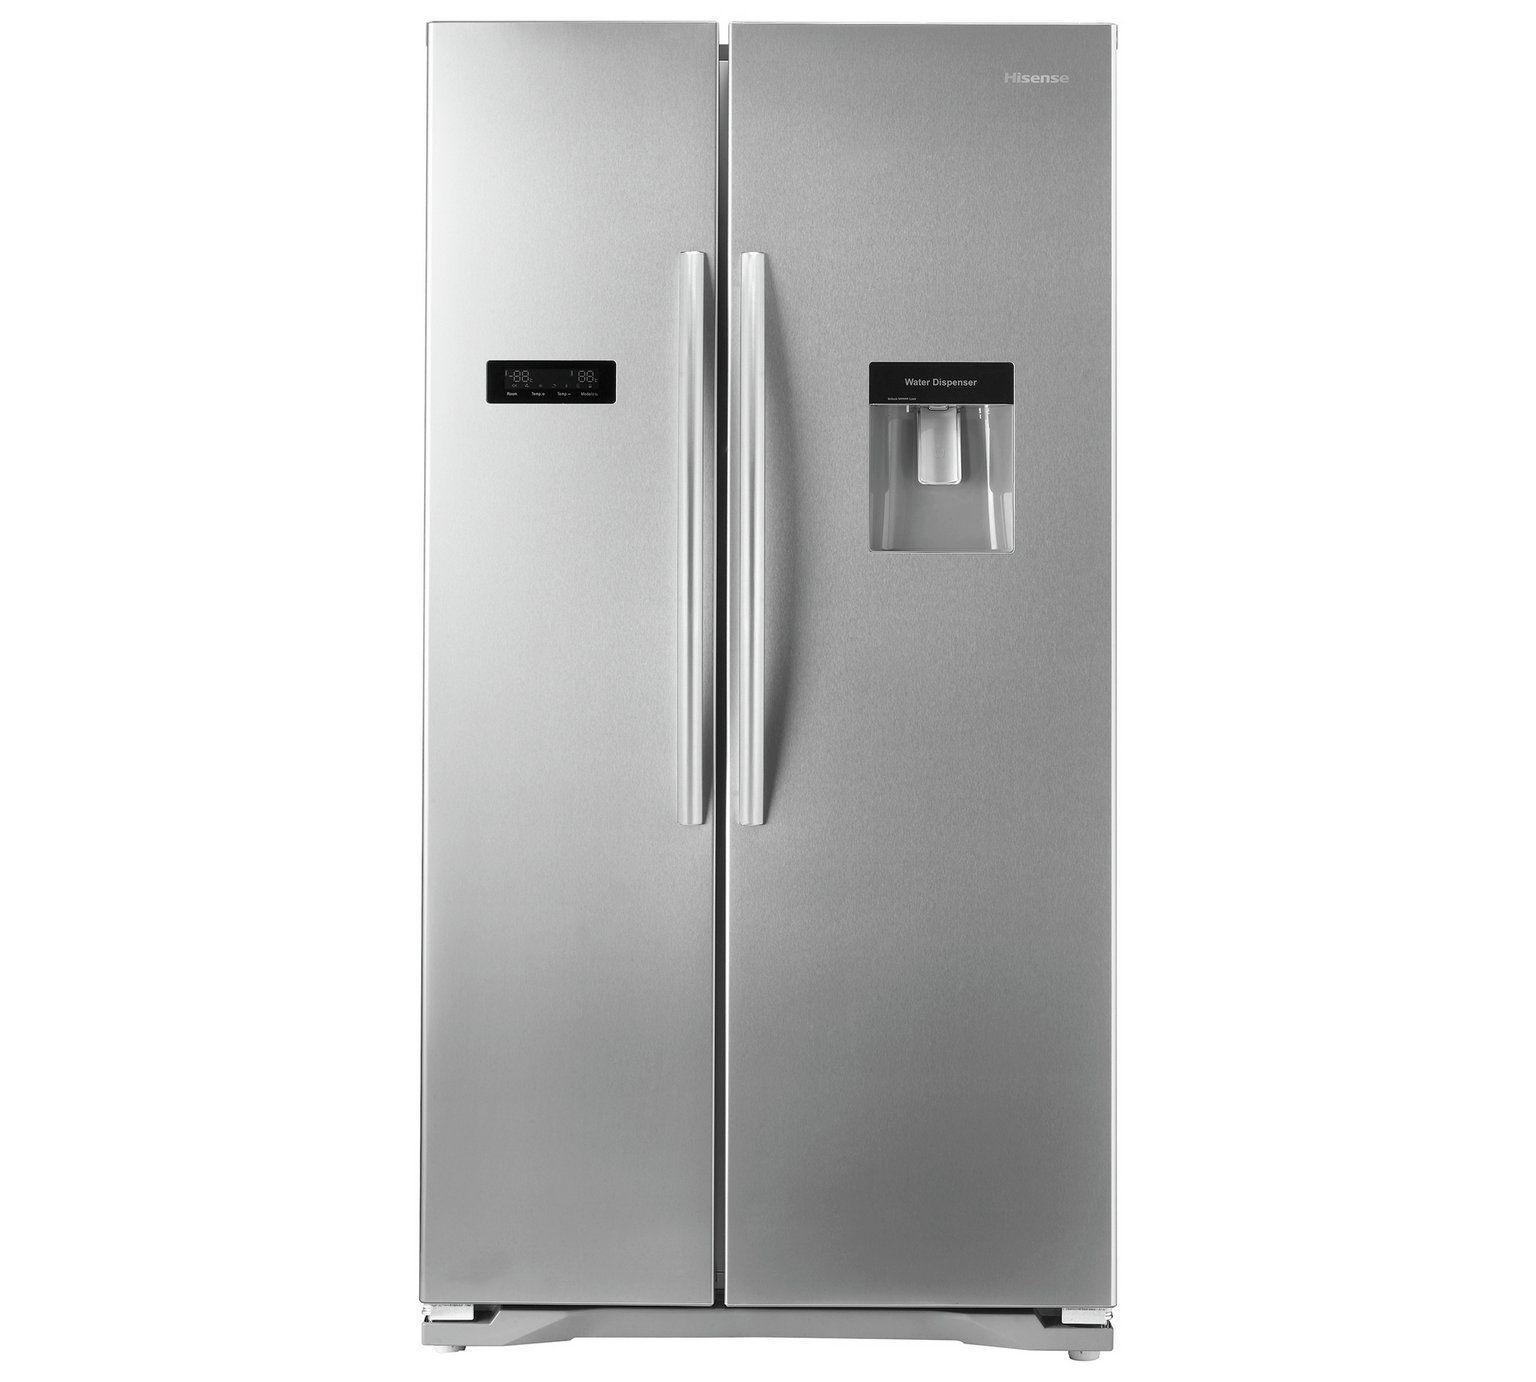 Buy Hisense Rs723n4wc1 American Fridge Freezer W Water Dispenser At Argos Co Uk Visit Argo American Fridge Freezers Buying Appliances Kitchen Large Appliances